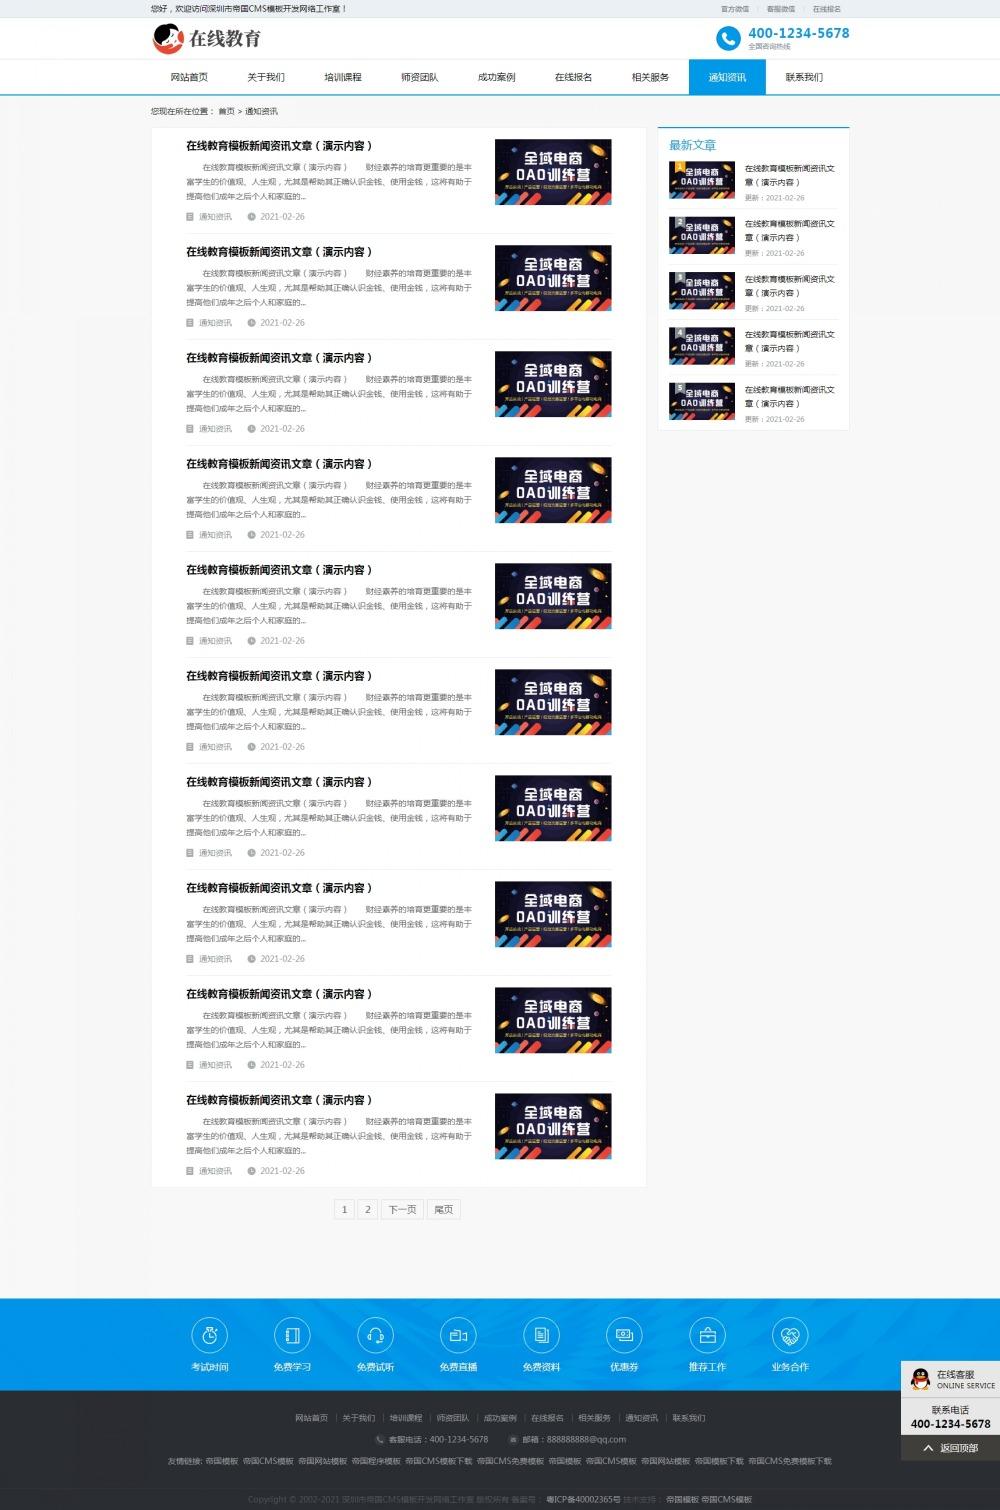 [DG-0183]响应式在线教育培训类网站帝国cms模板_教育培训机构帝国网站源码下载 企业模板 第8张